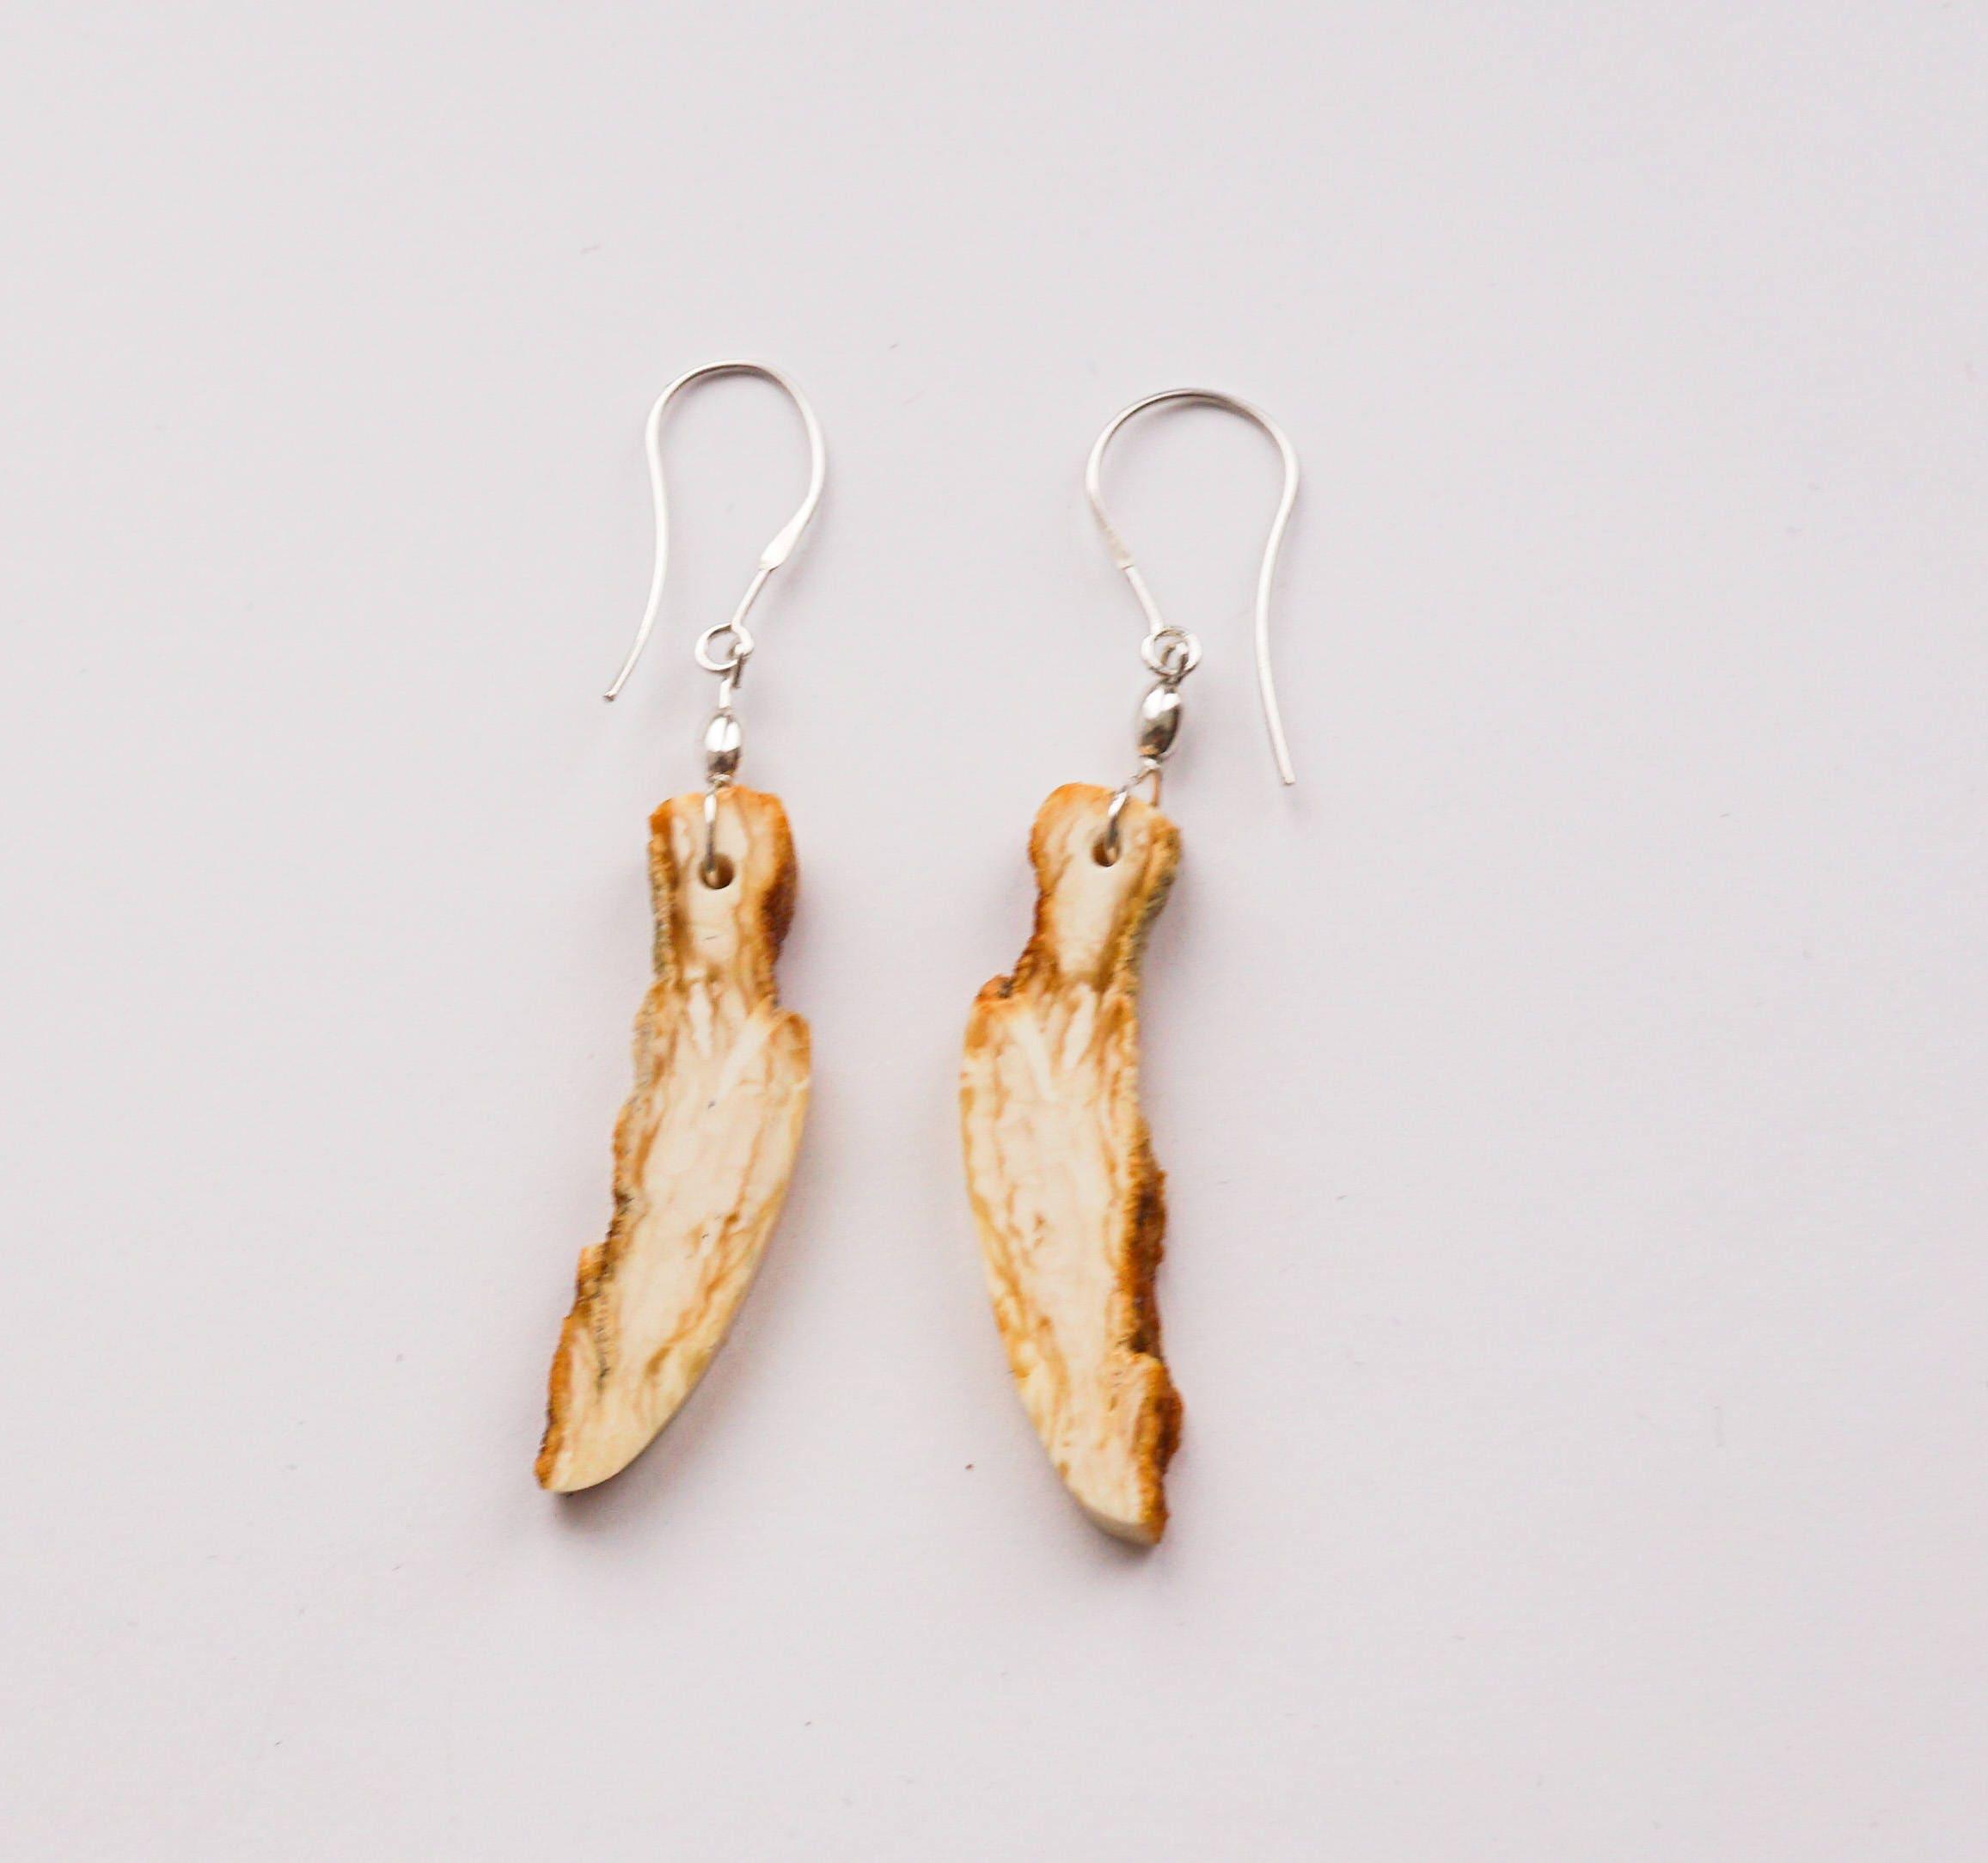 white earrings 3 6g